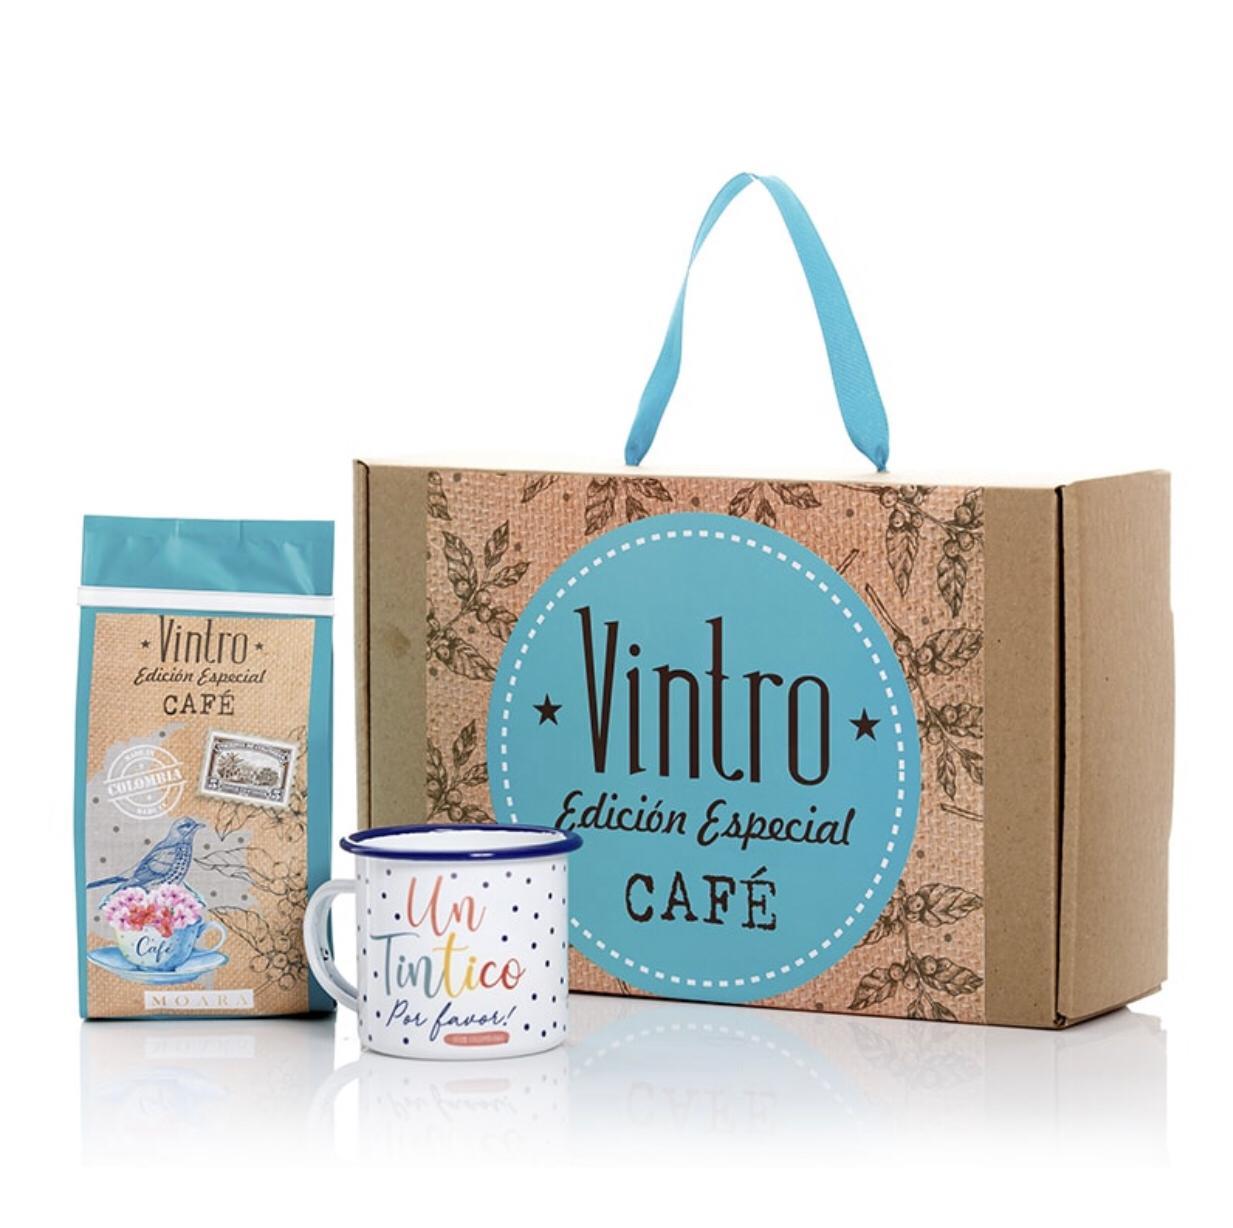 Kit de café un tintico